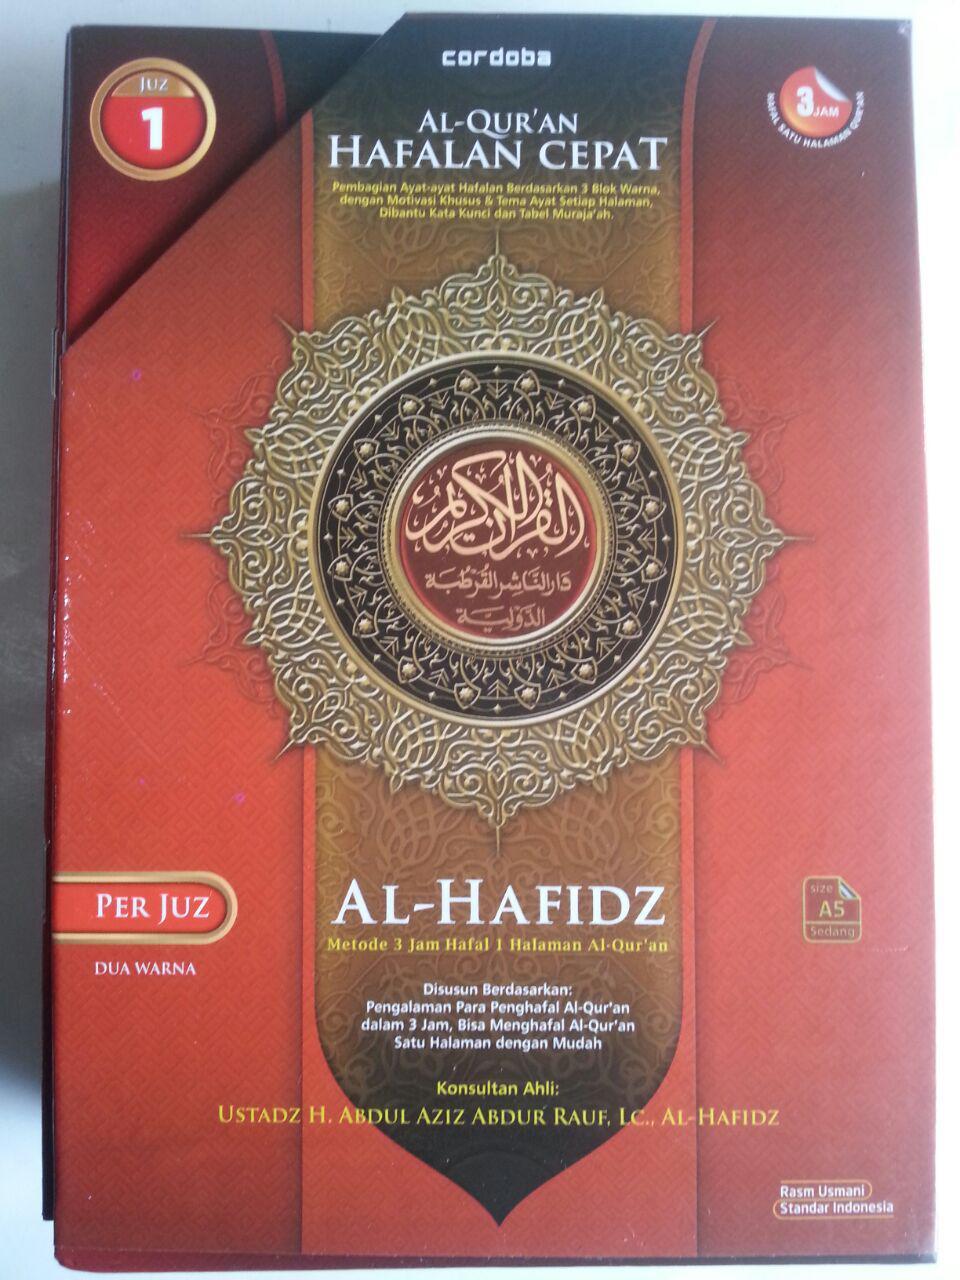 Al-Qur'an Hafalan Al-Hafidz Metode 3 jam Hafal 1 Halaman Per Juz cover 4